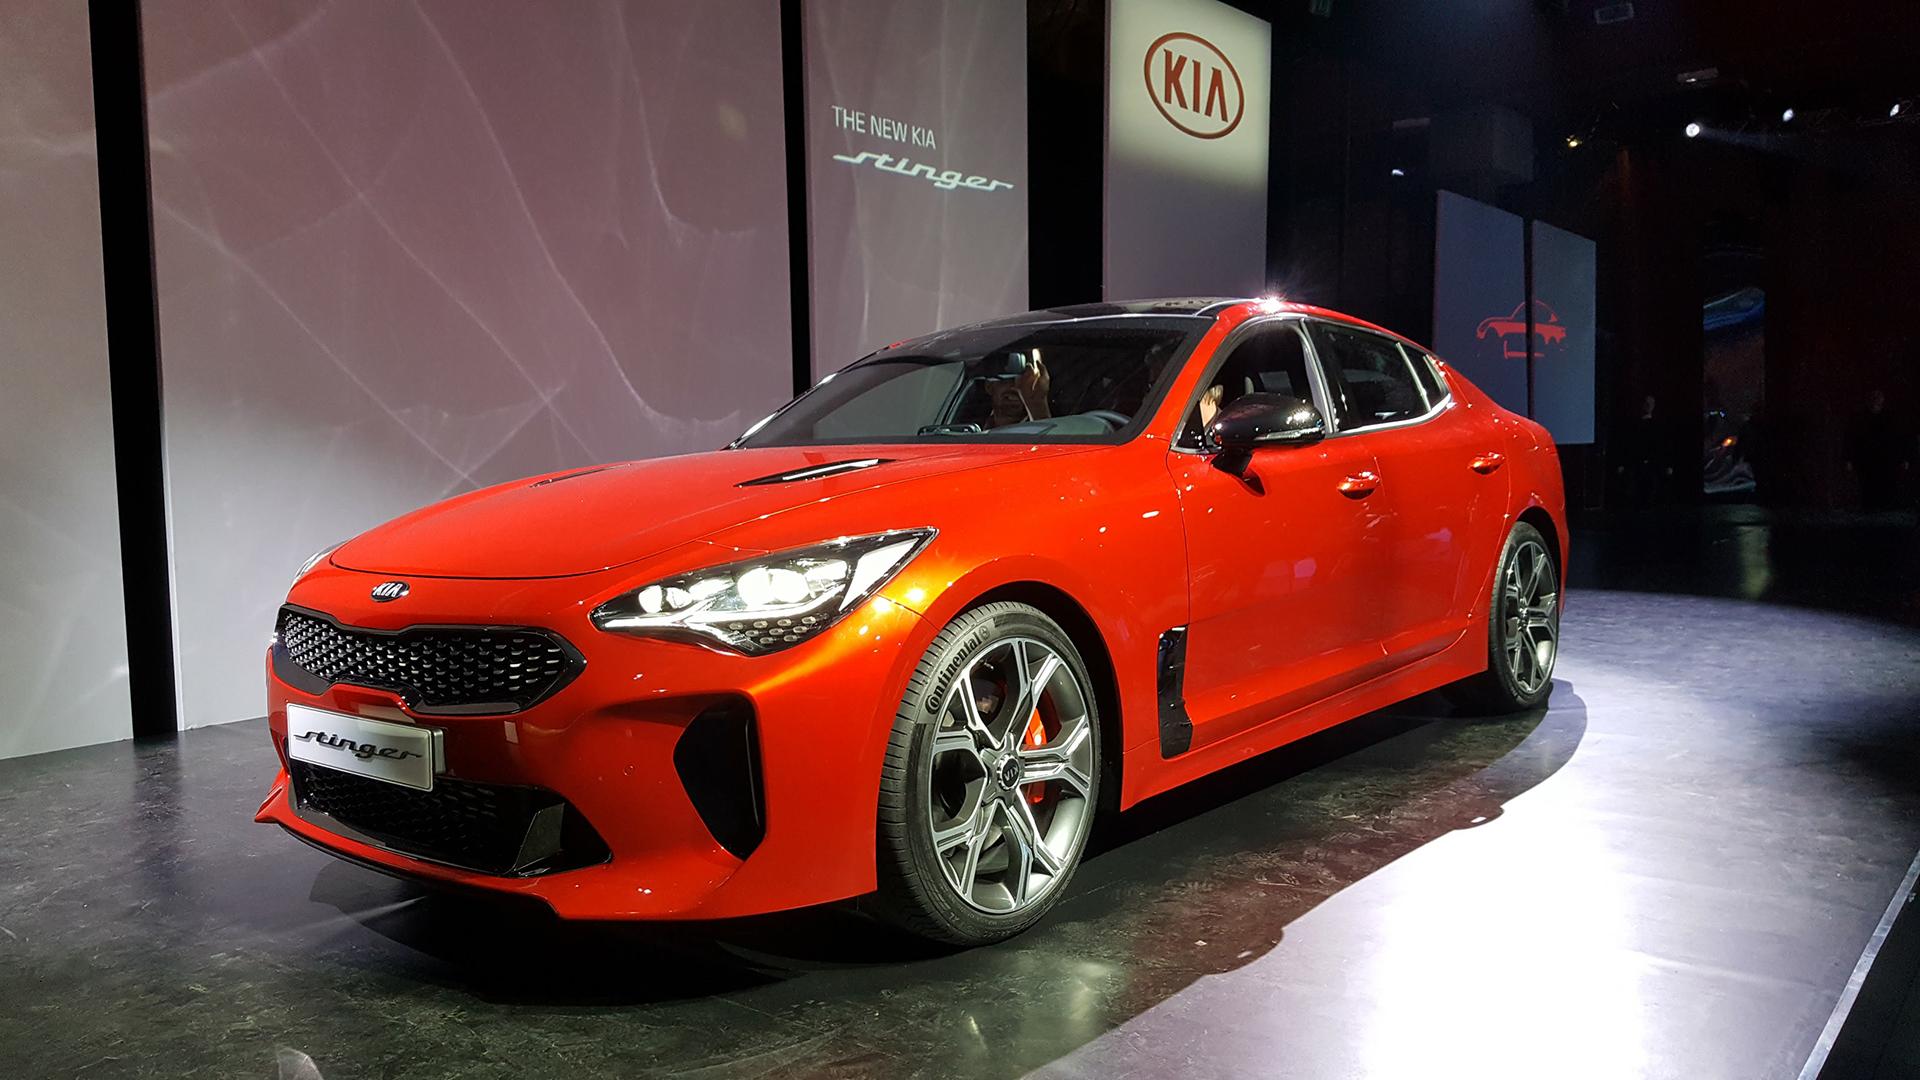 performance stinger show make supercar car model wheel land automobile wallpaper luxury automotive sports kia muscle concept en vehicle design auto